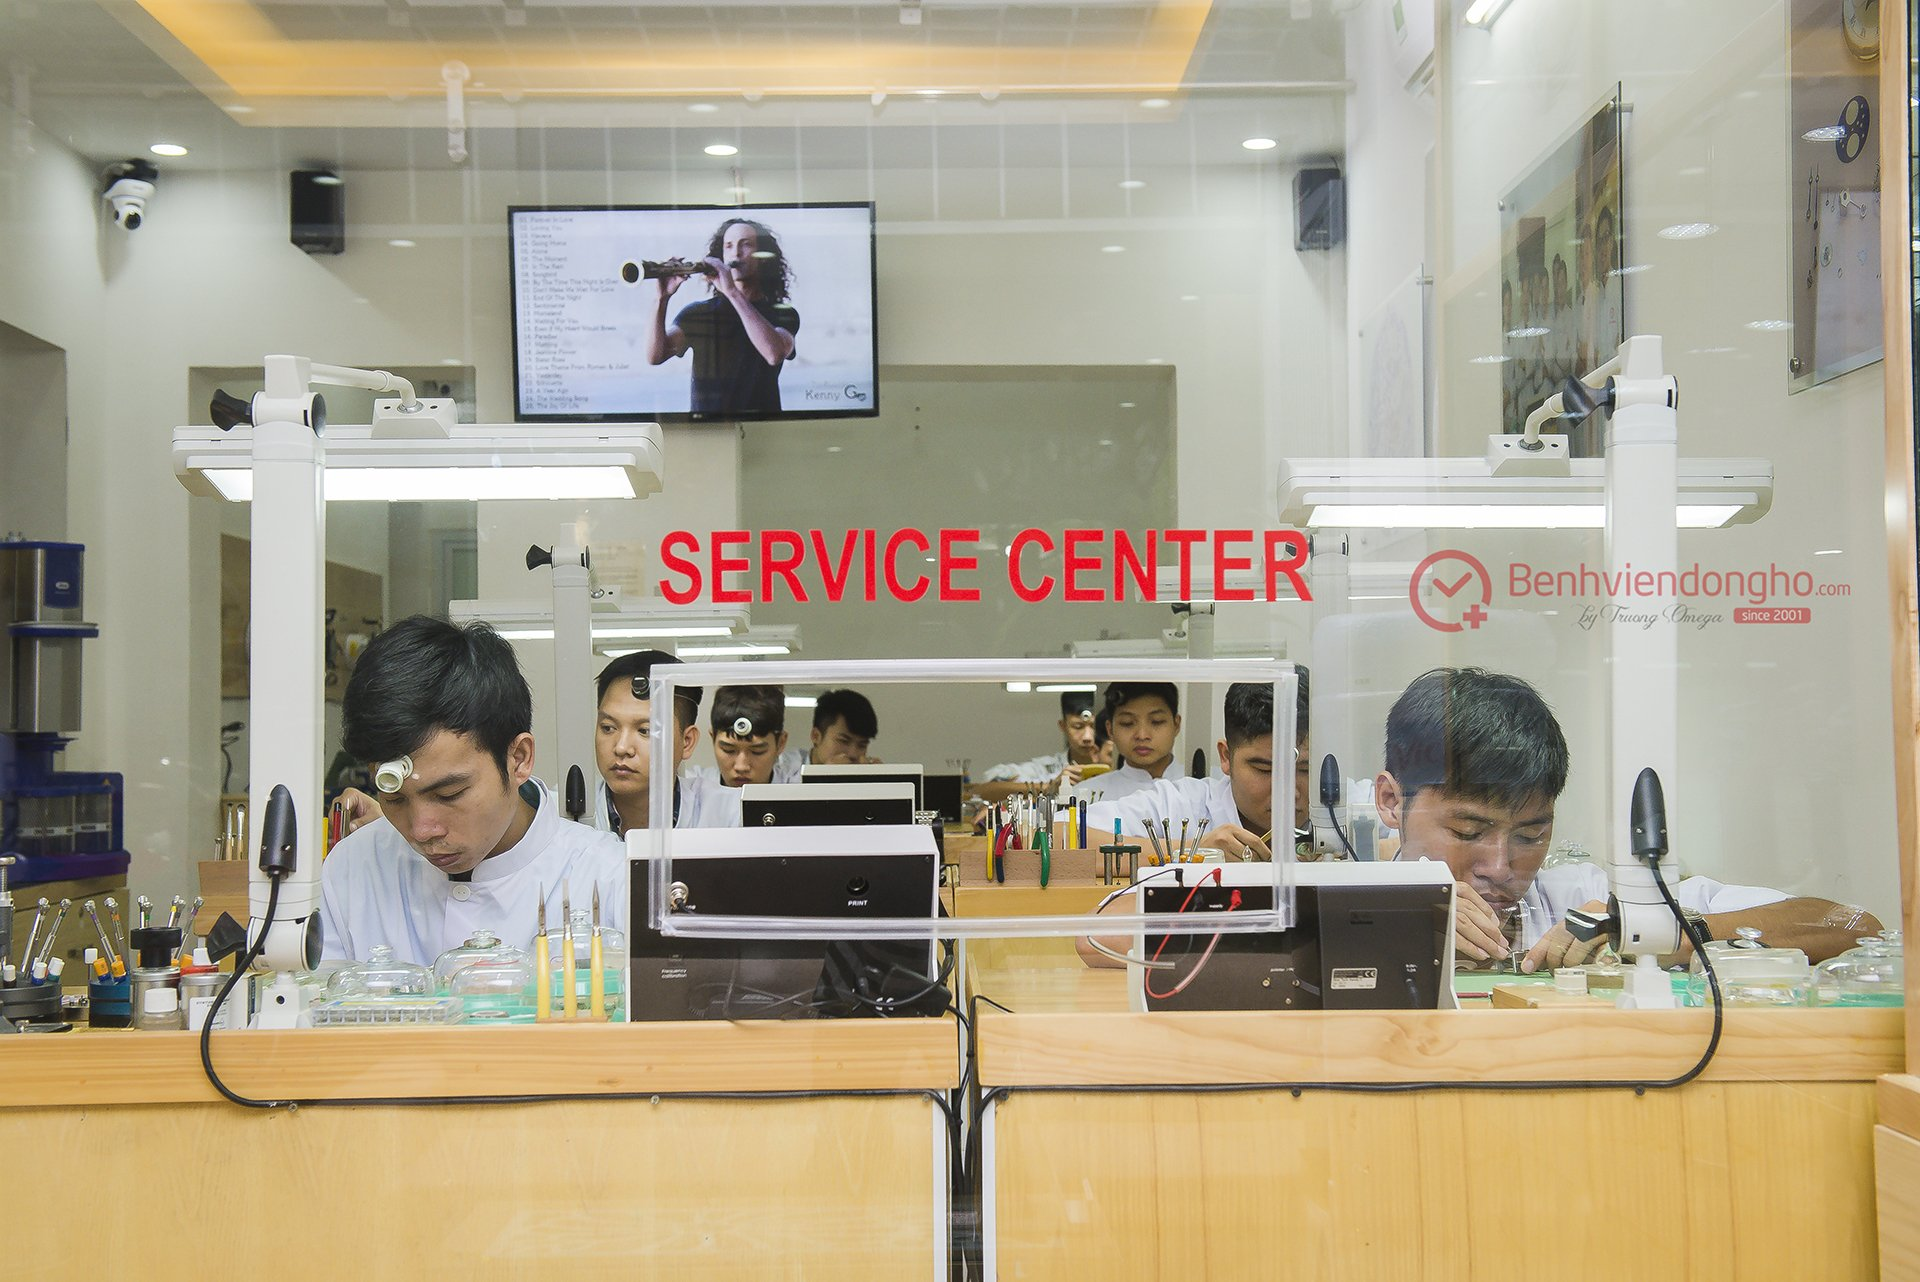 TVT9006 - Phòng kỹ thuật Bệnh Viện Đồng Hồ